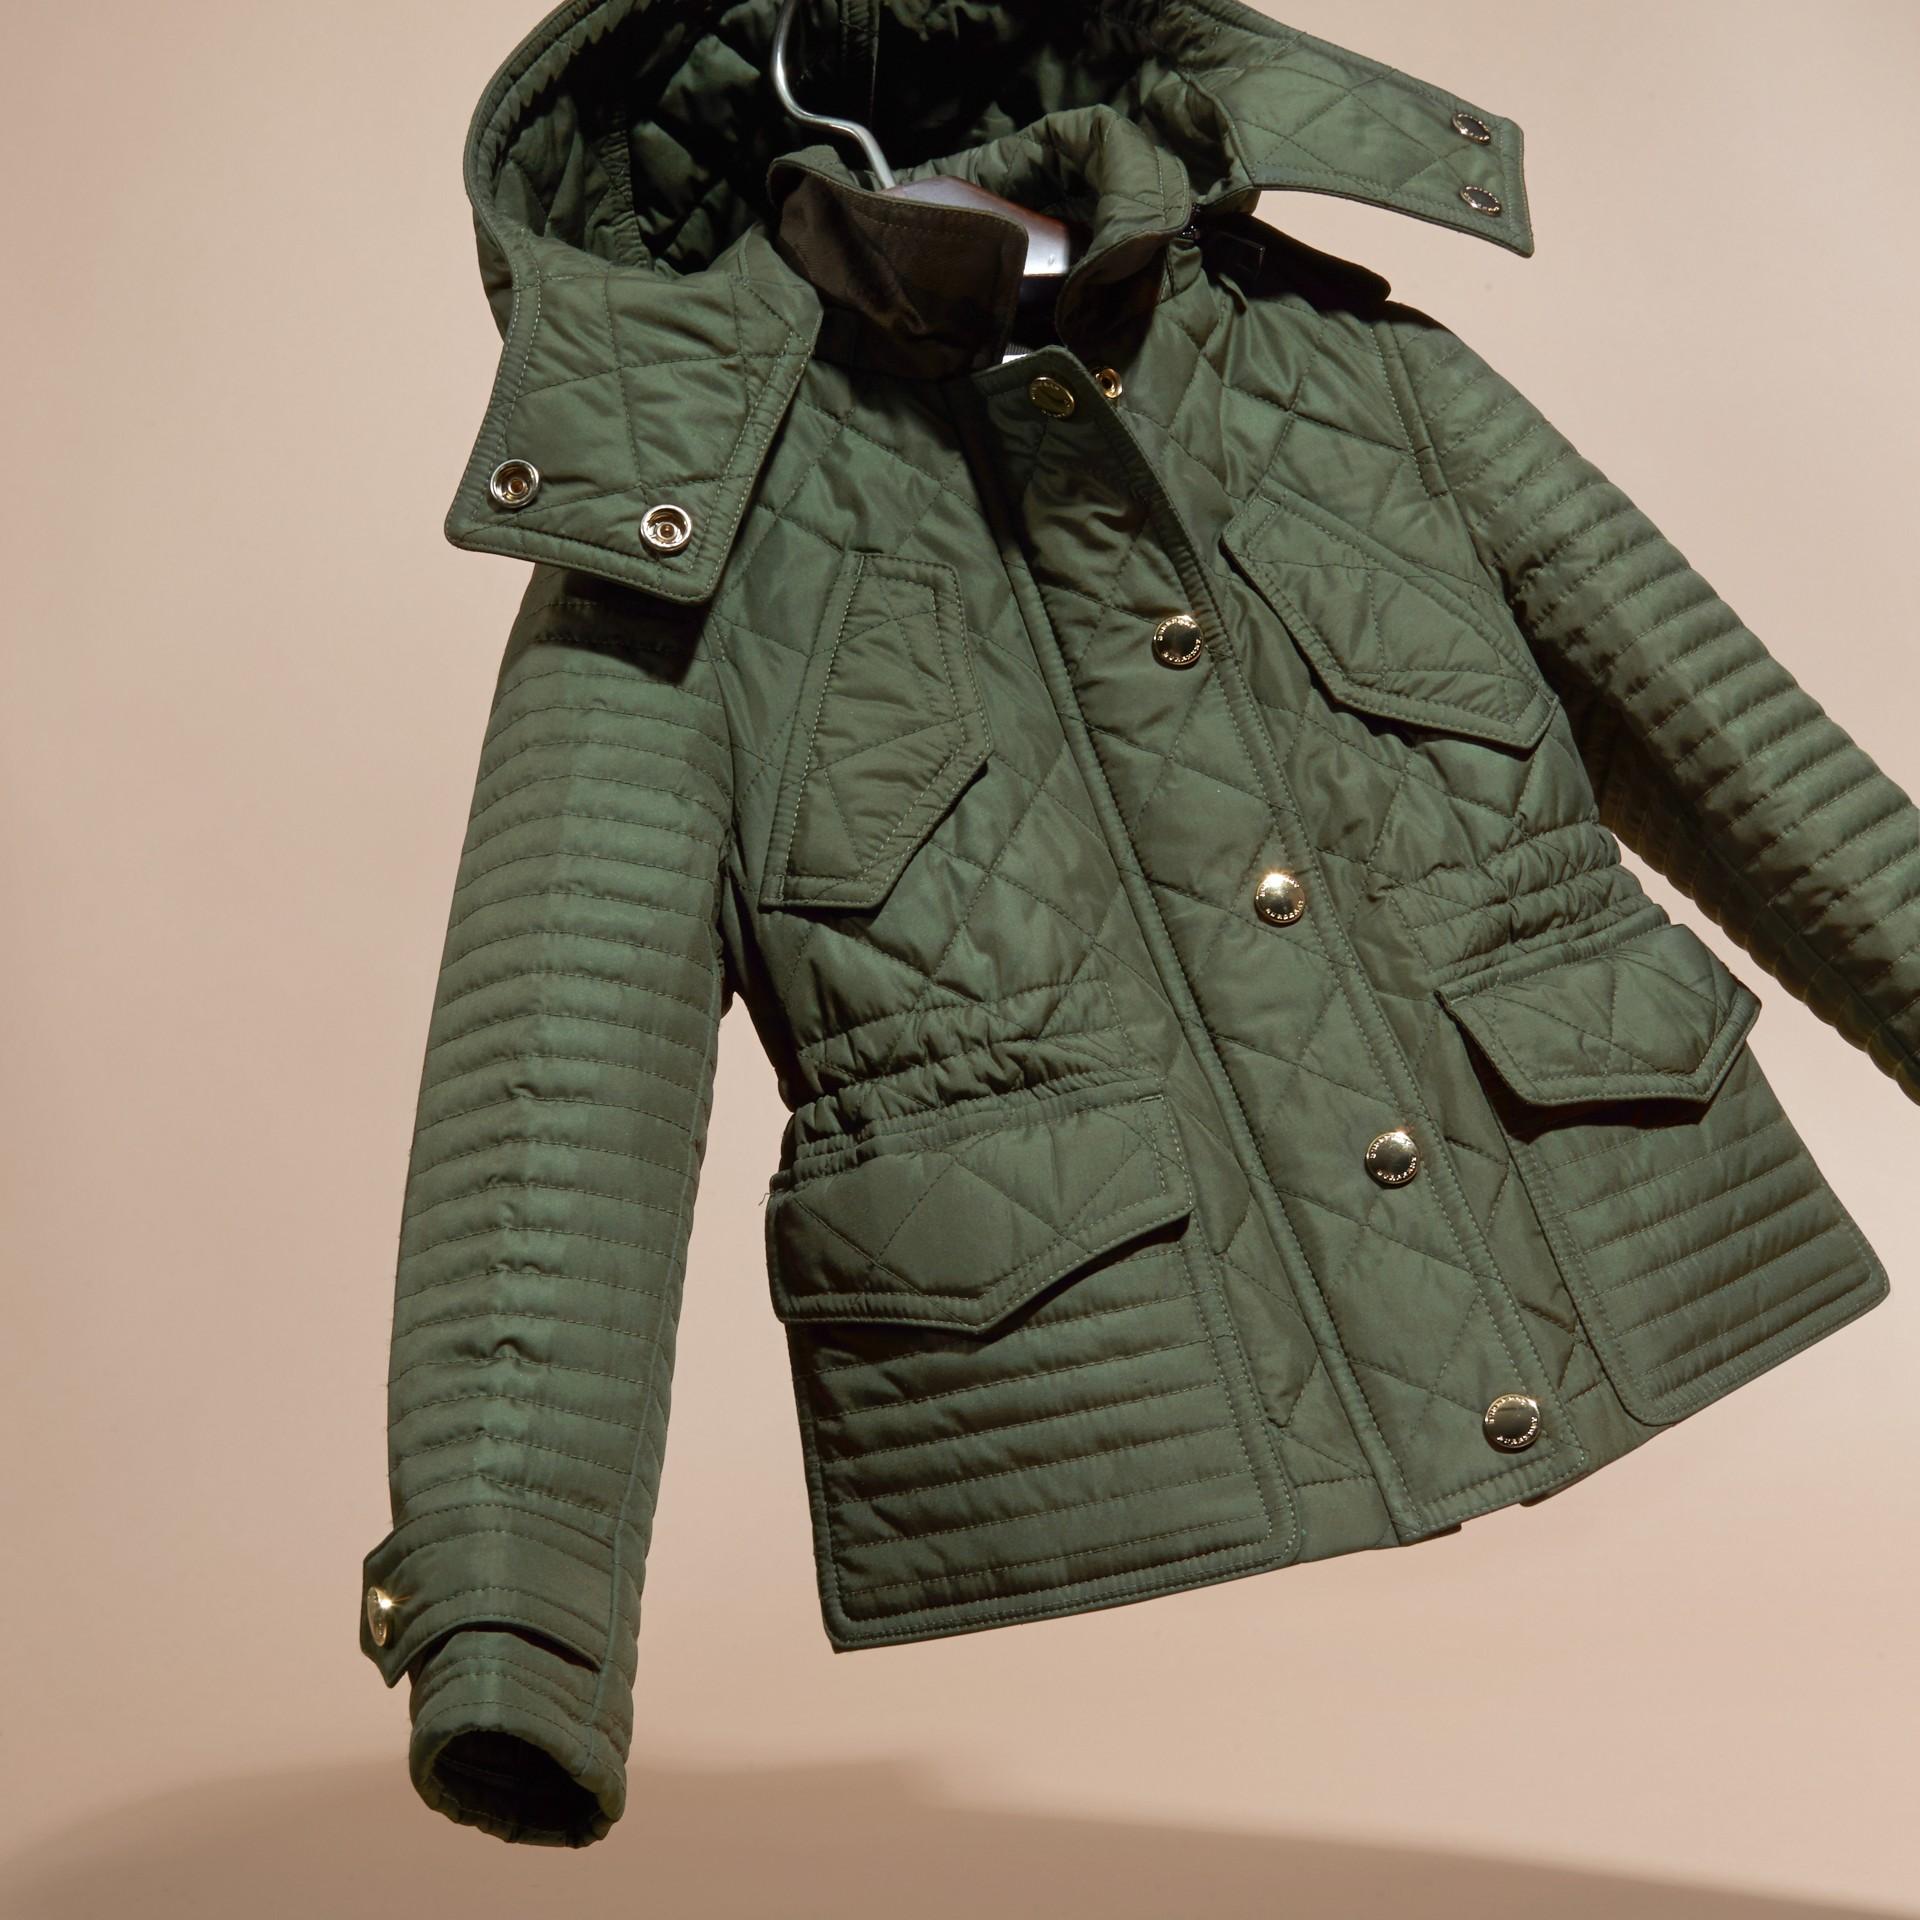 Oliva Giacca trapuntata con cappuccio amovibile - immagine della galleria 3